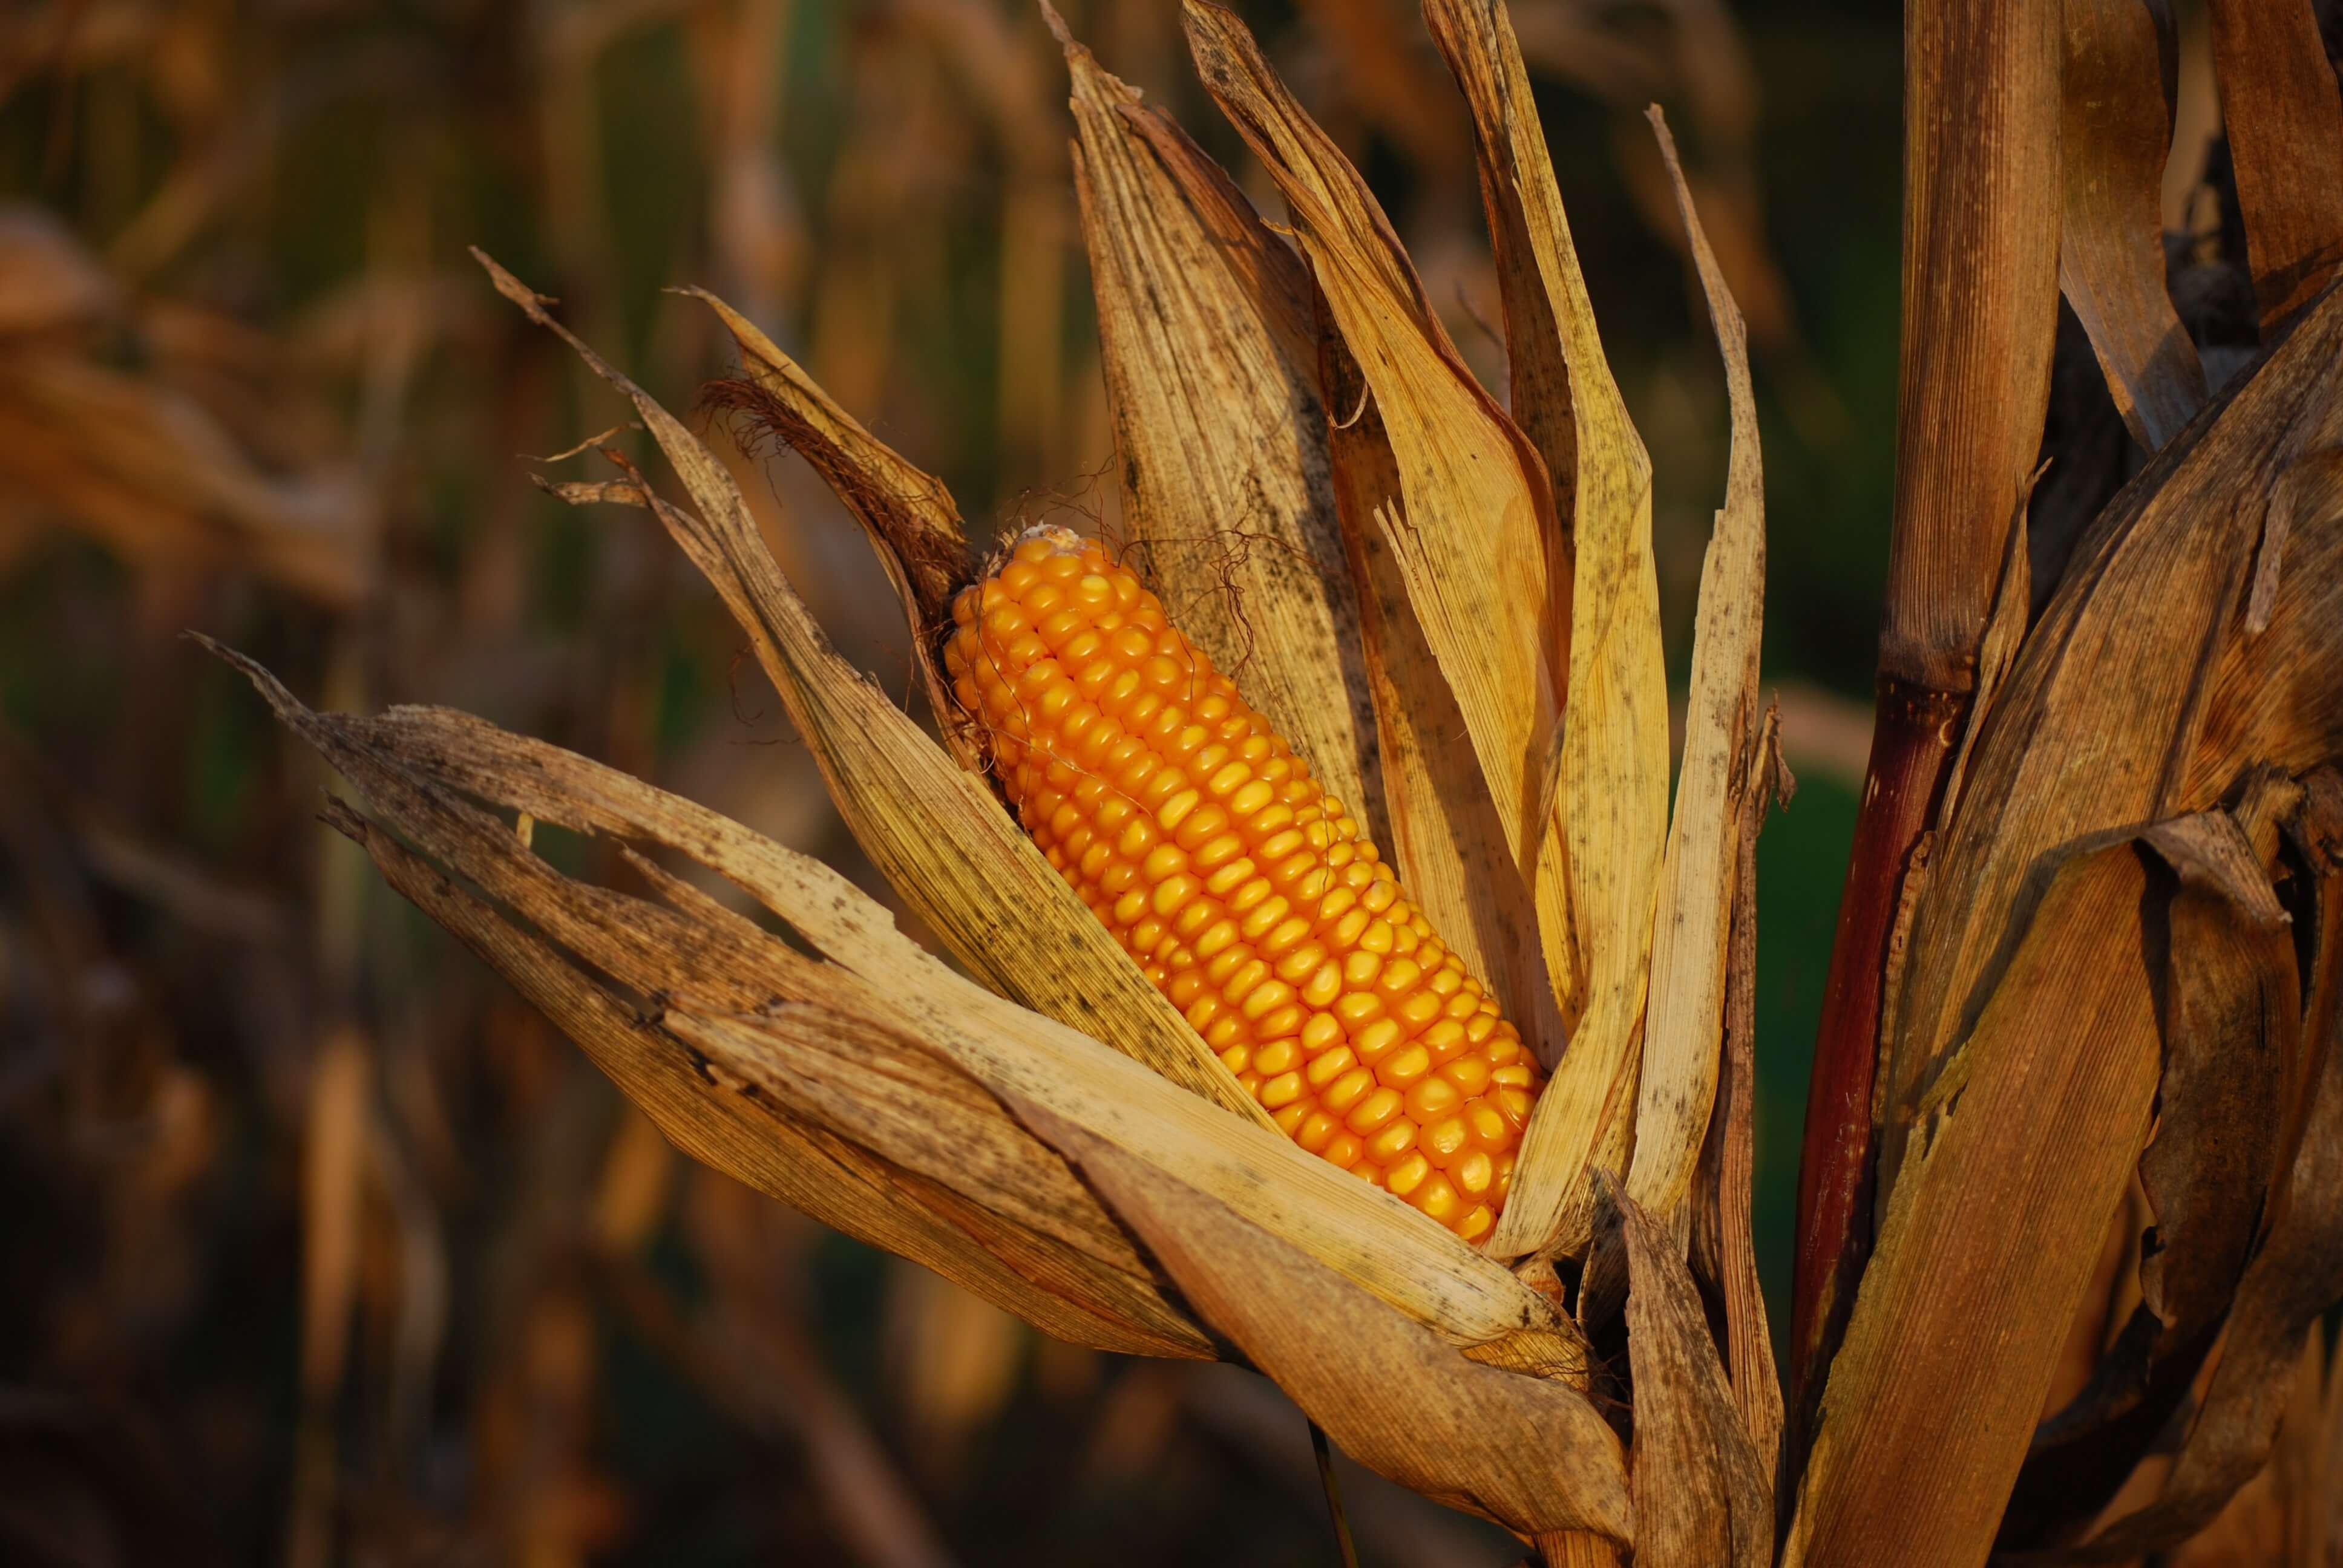 el almidón de maíz se utiliza para fabricar packaging ecológico